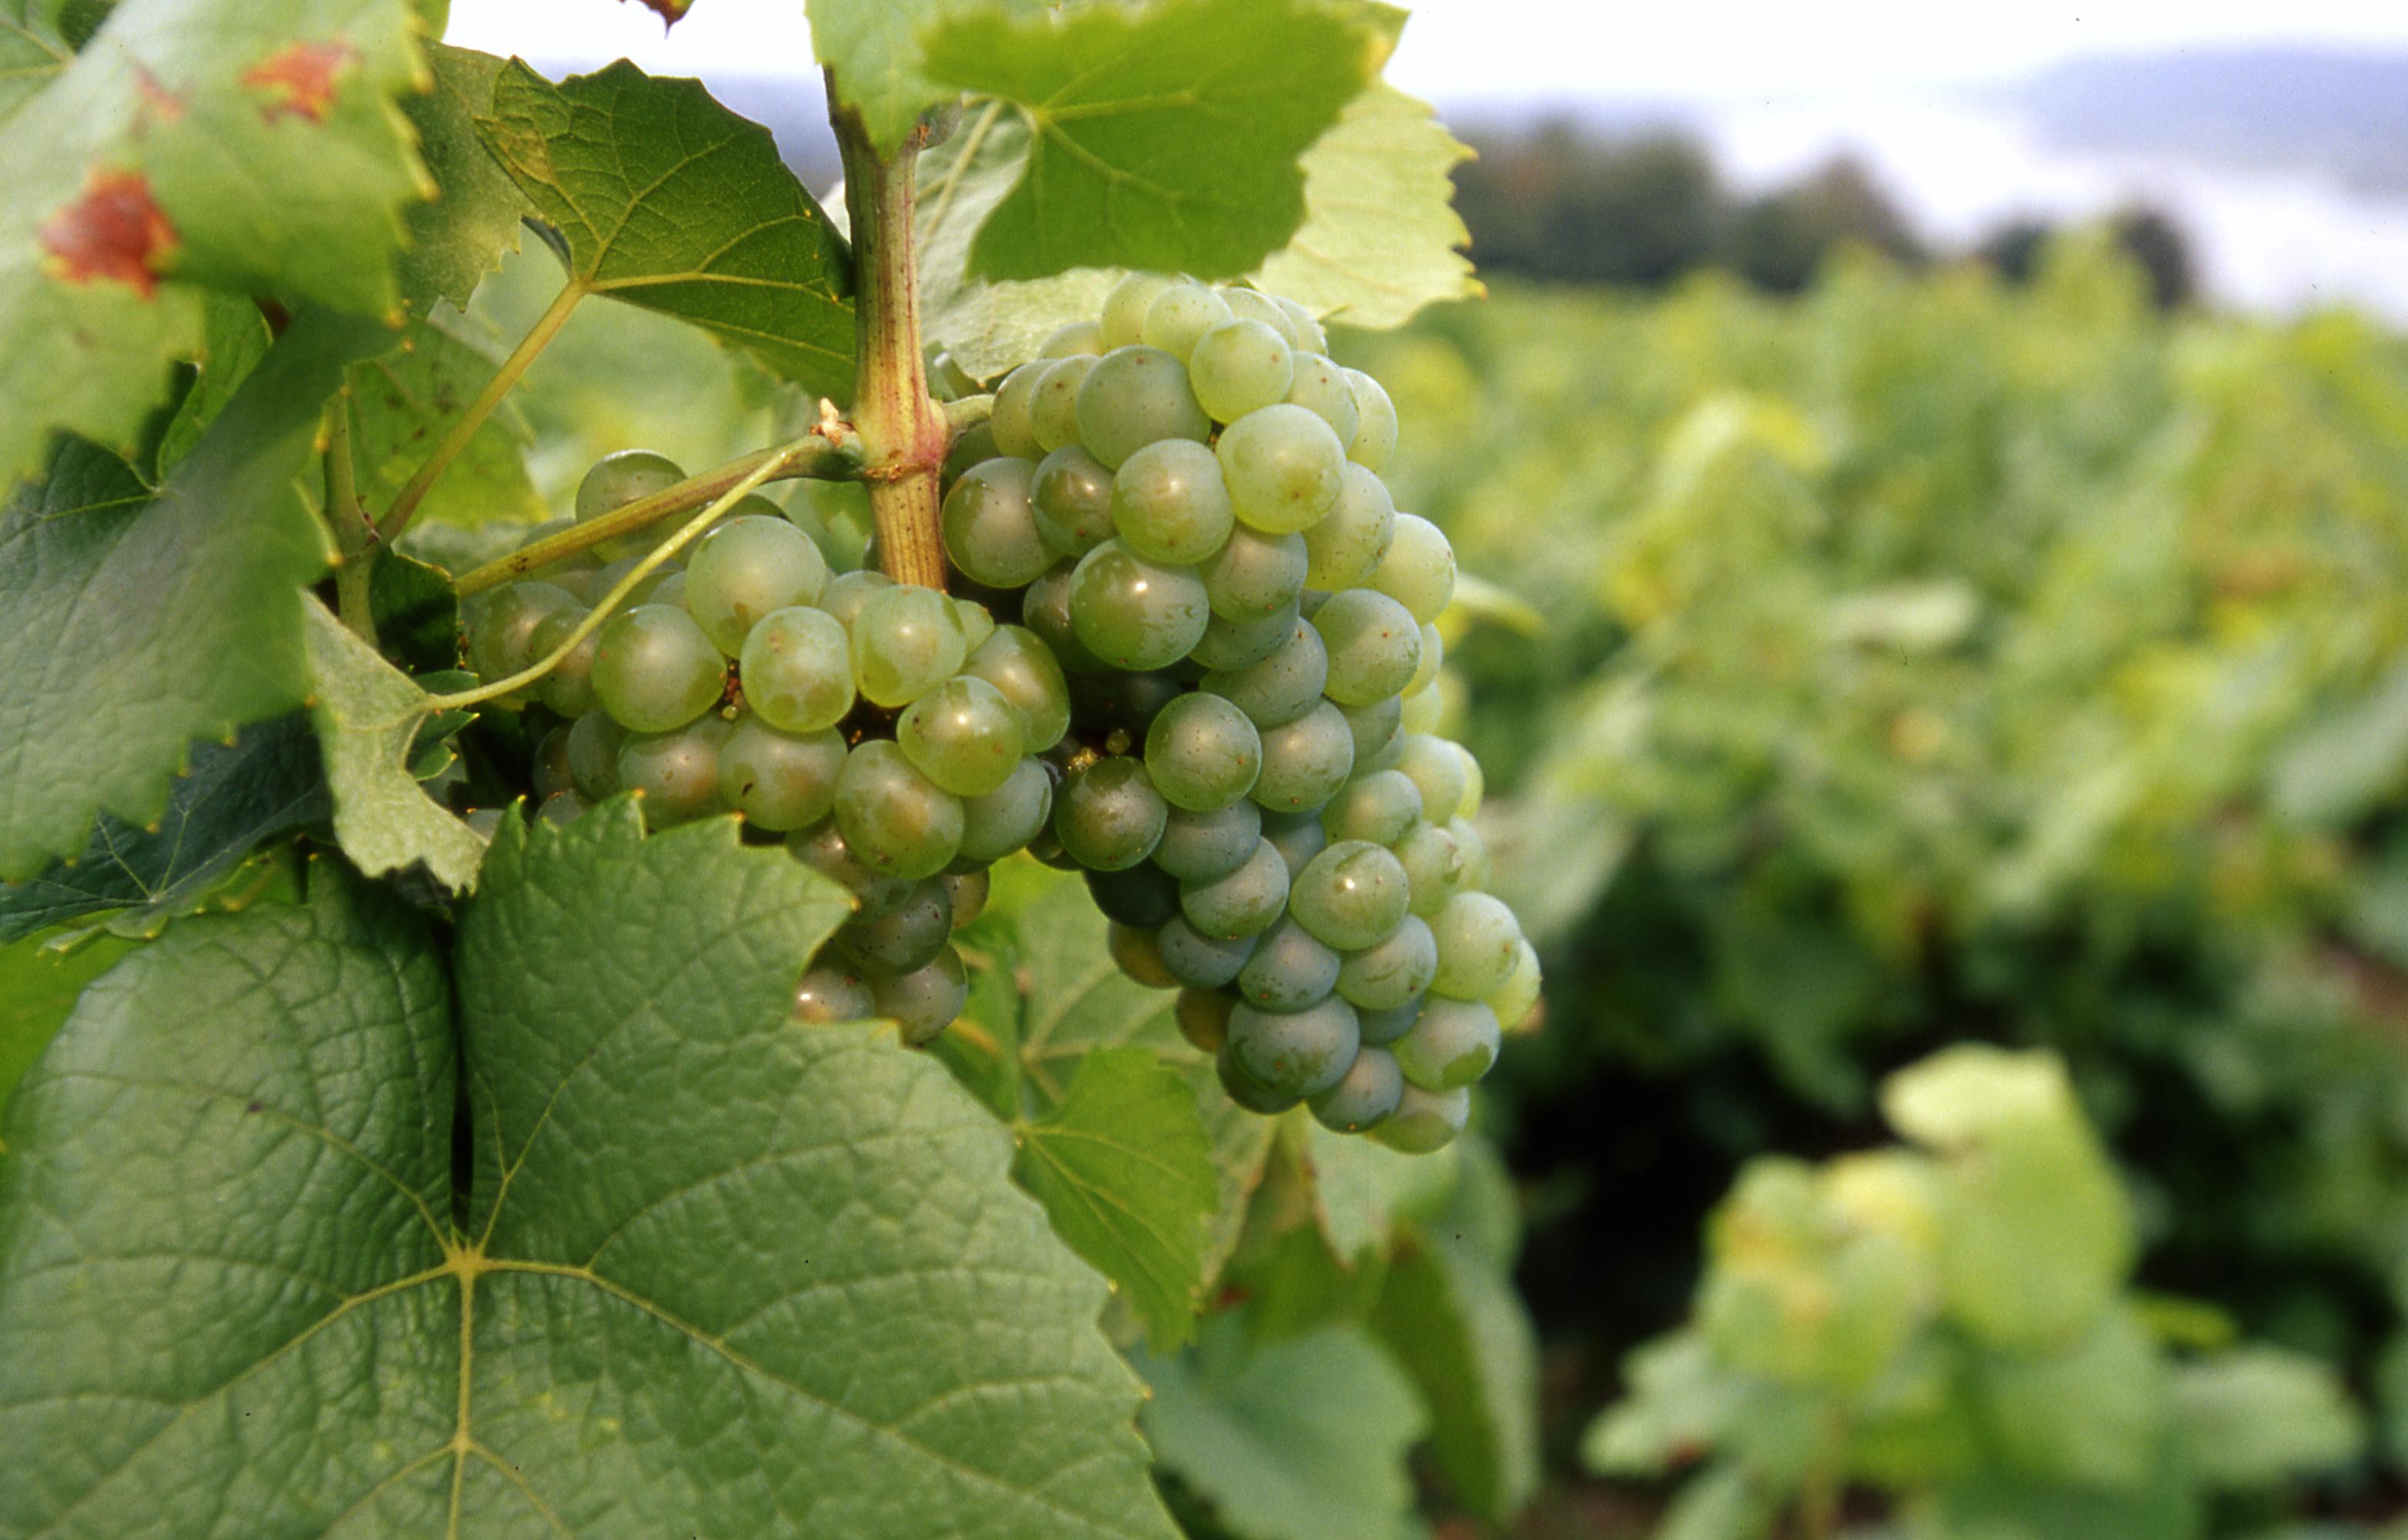 Cépage Melon de bourgogne - Vins du muscadet